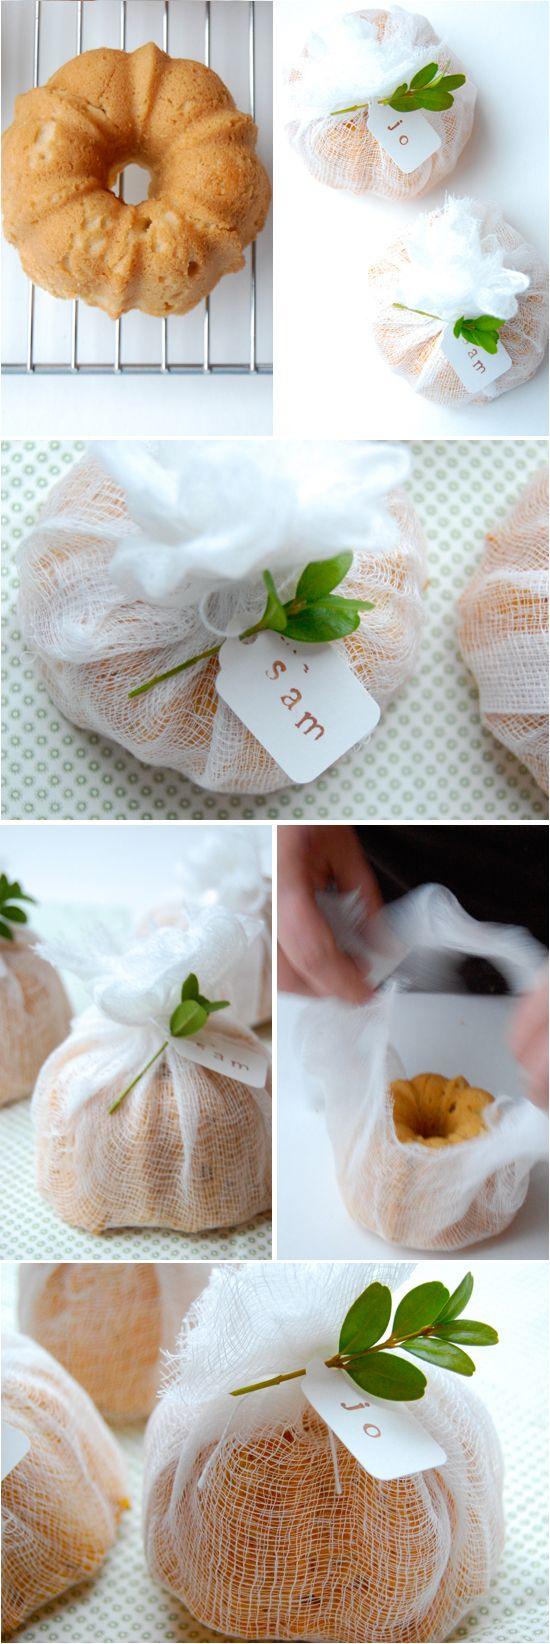 Mini bolos - Lindooo! <3   MUITO fofo pra dar de lembrancinha em um chá de panela!